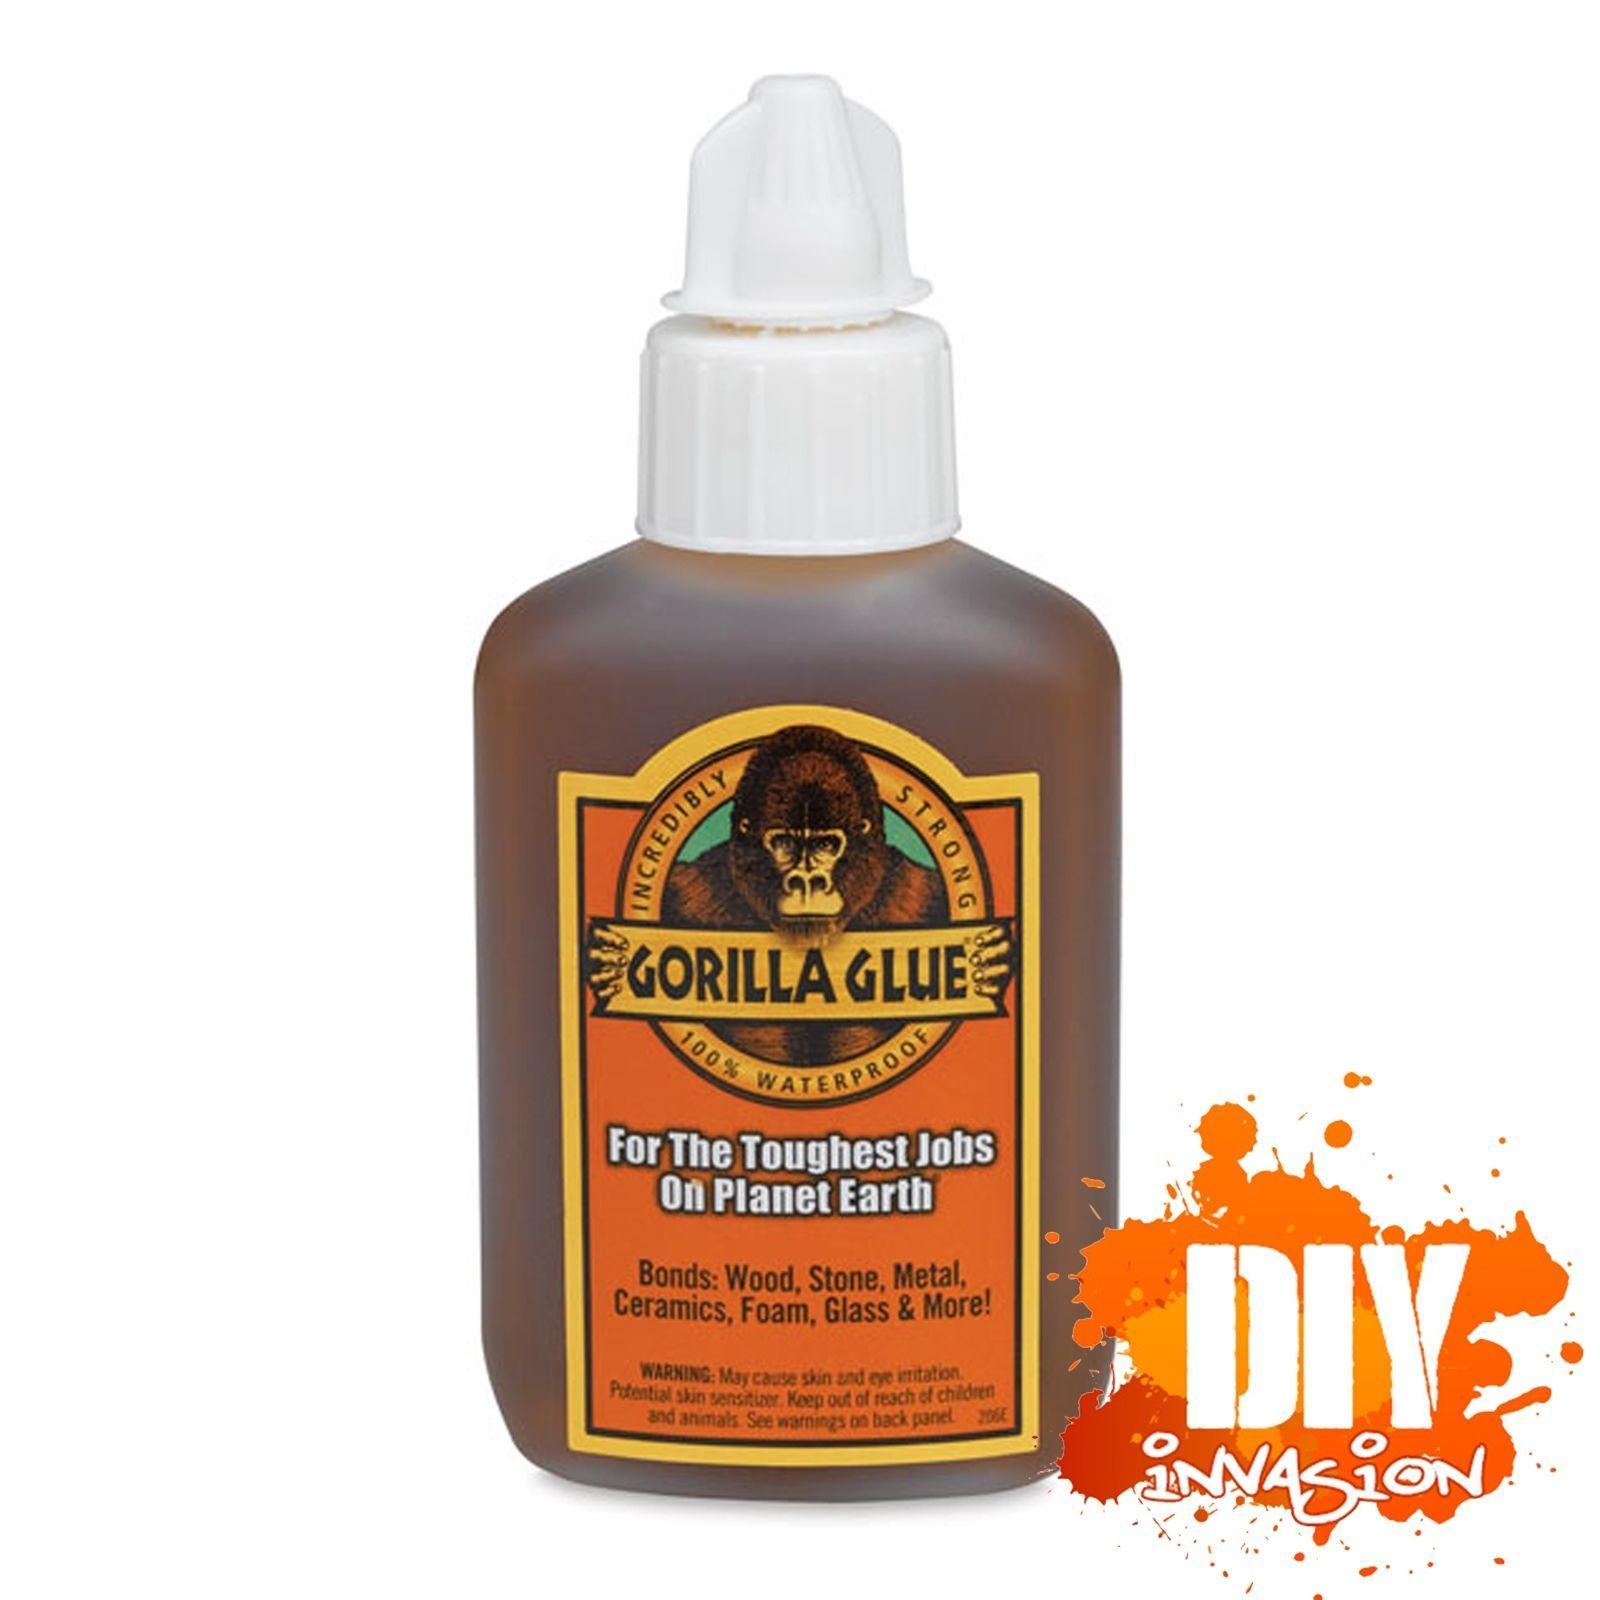 Gorilla Glue Other Building Materials ebay Home & Garden